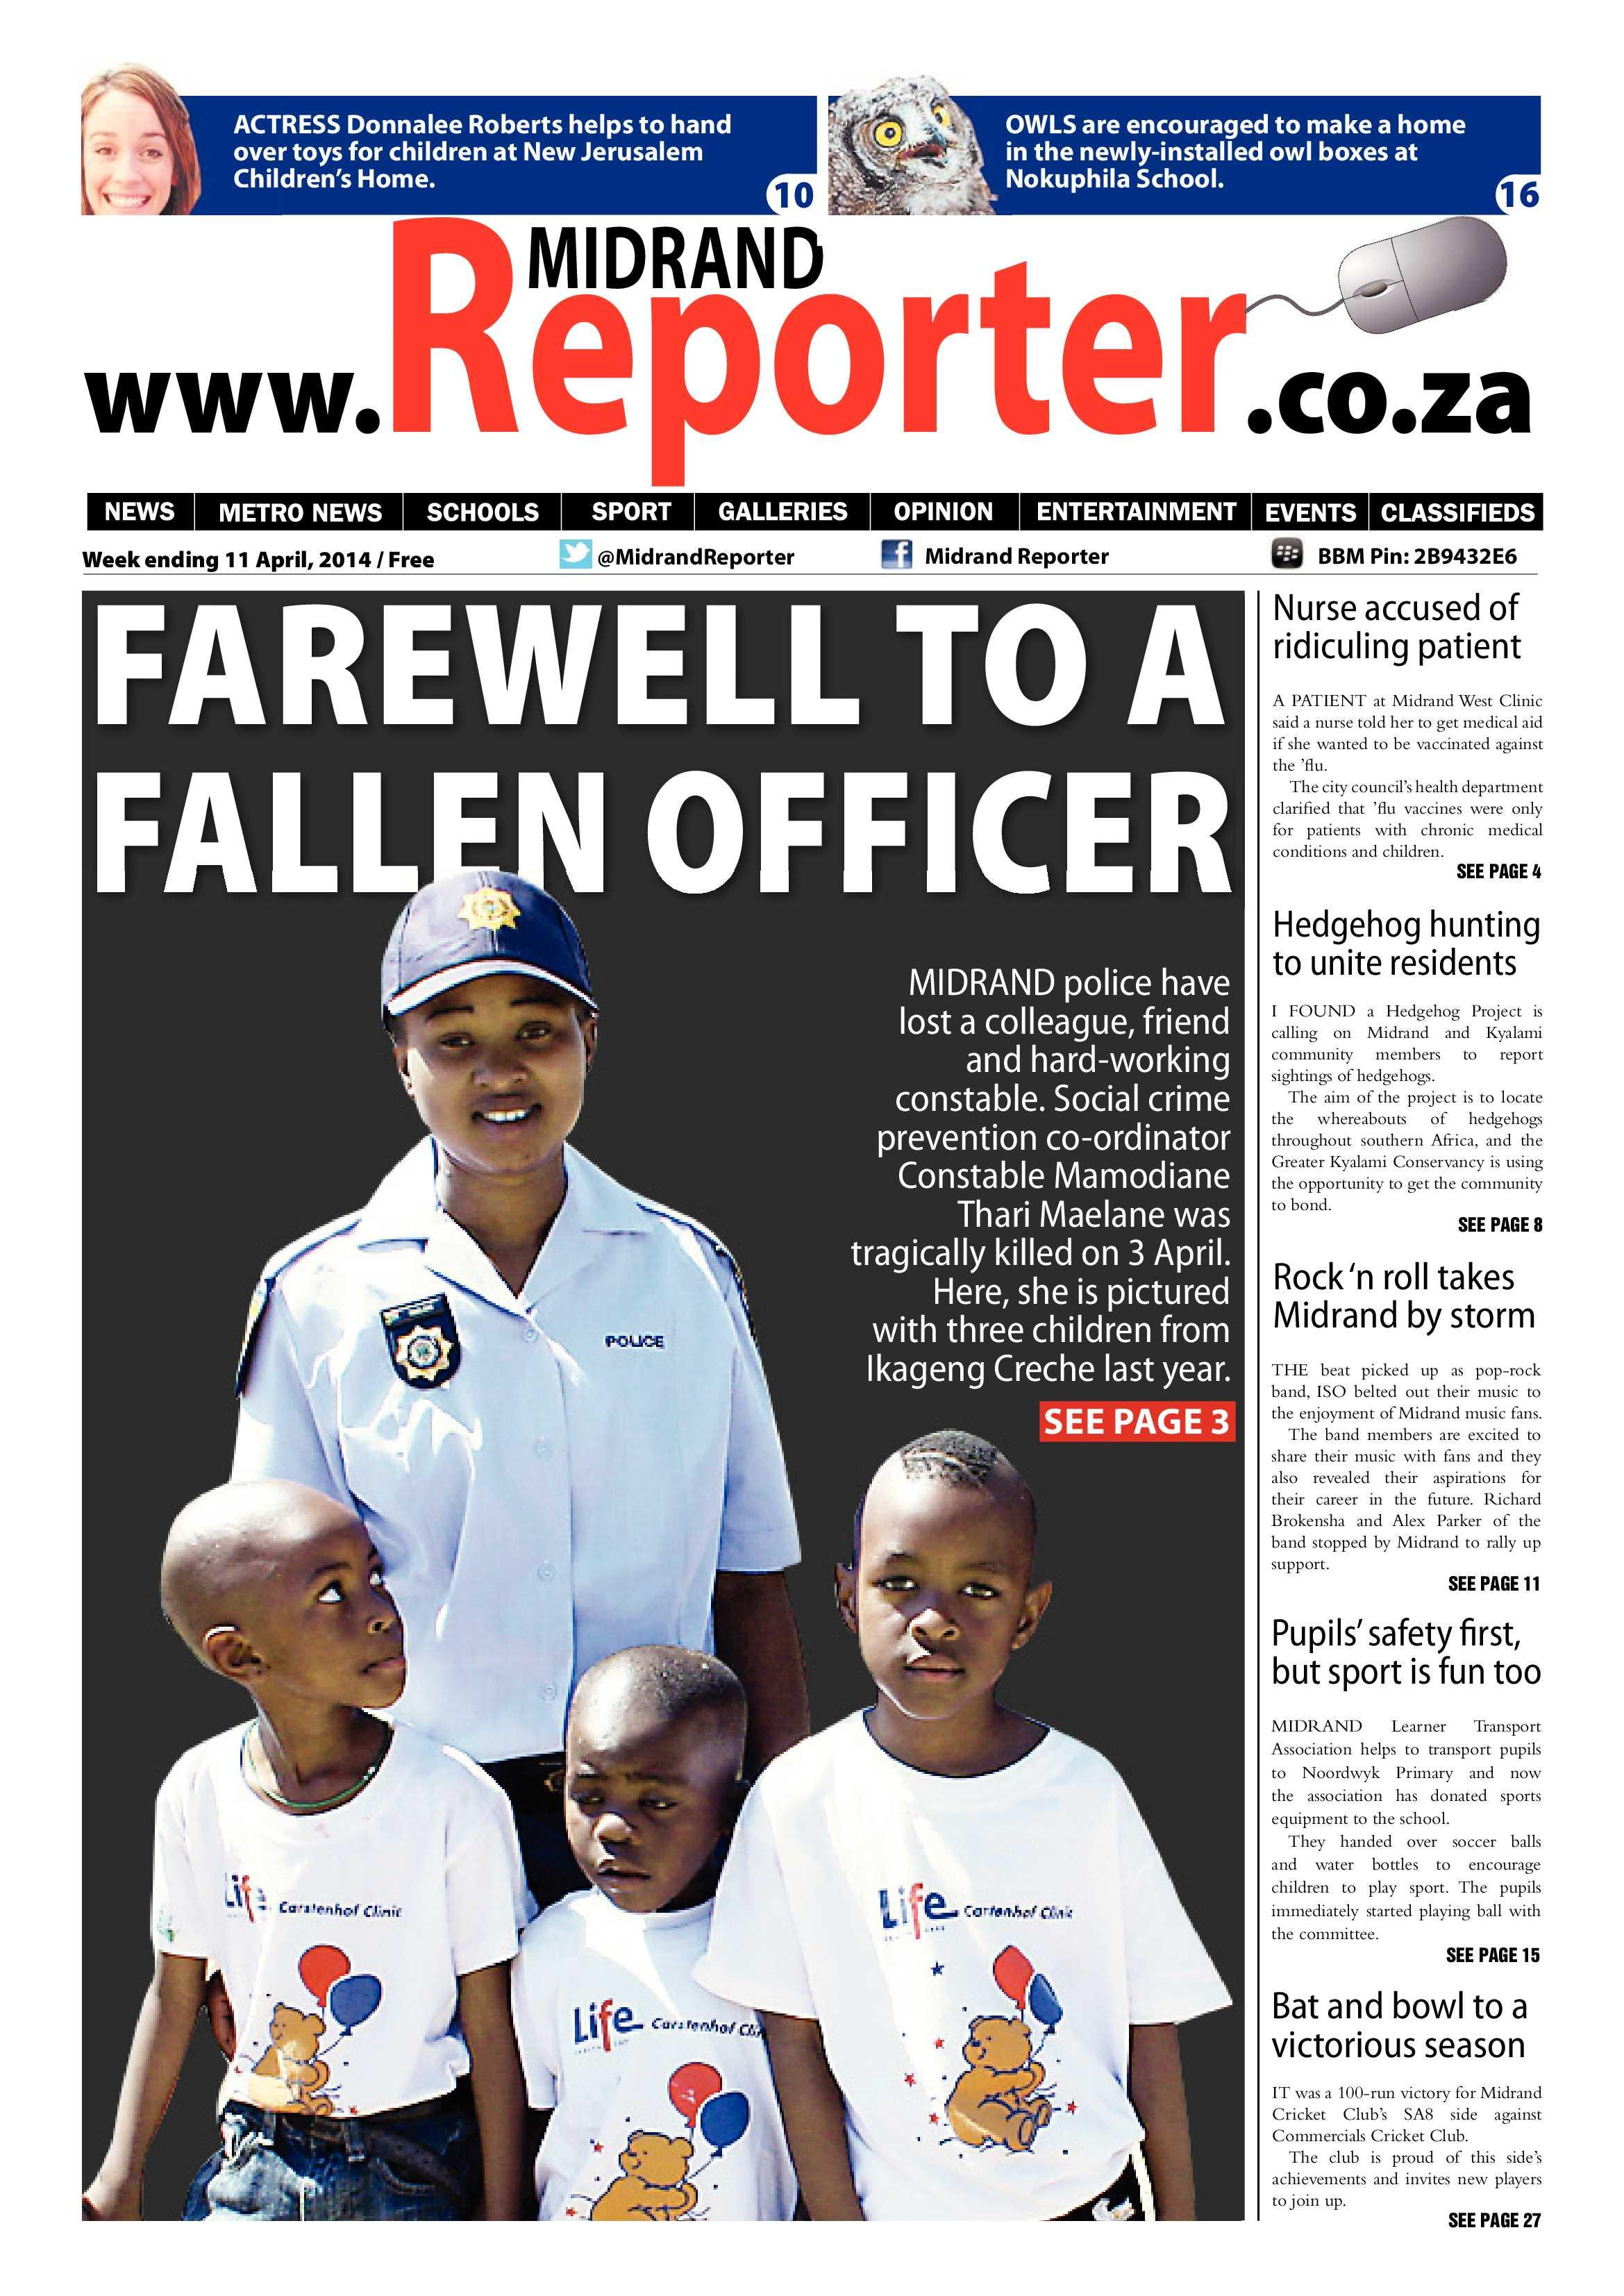 Midrand Reporter 11 April 2014 | Midrand Reporter